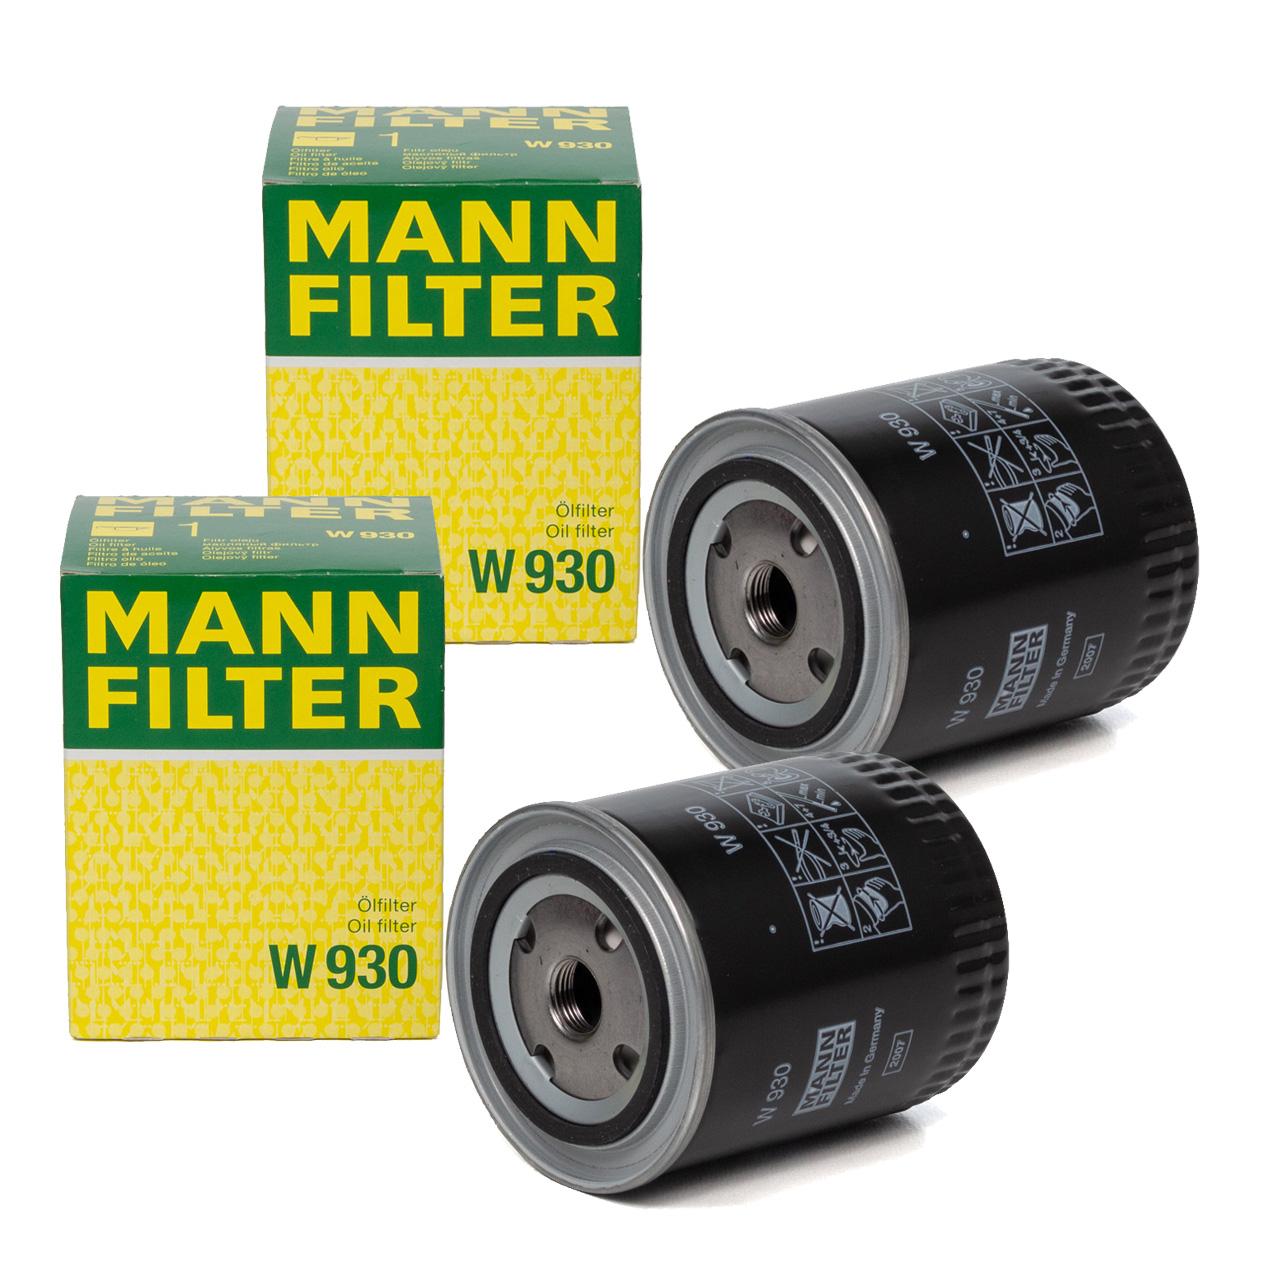 2x MANN W930 Ölfilter Motorölfilter für FENDT FARMER / FAVORIT / GT - CASE IHC